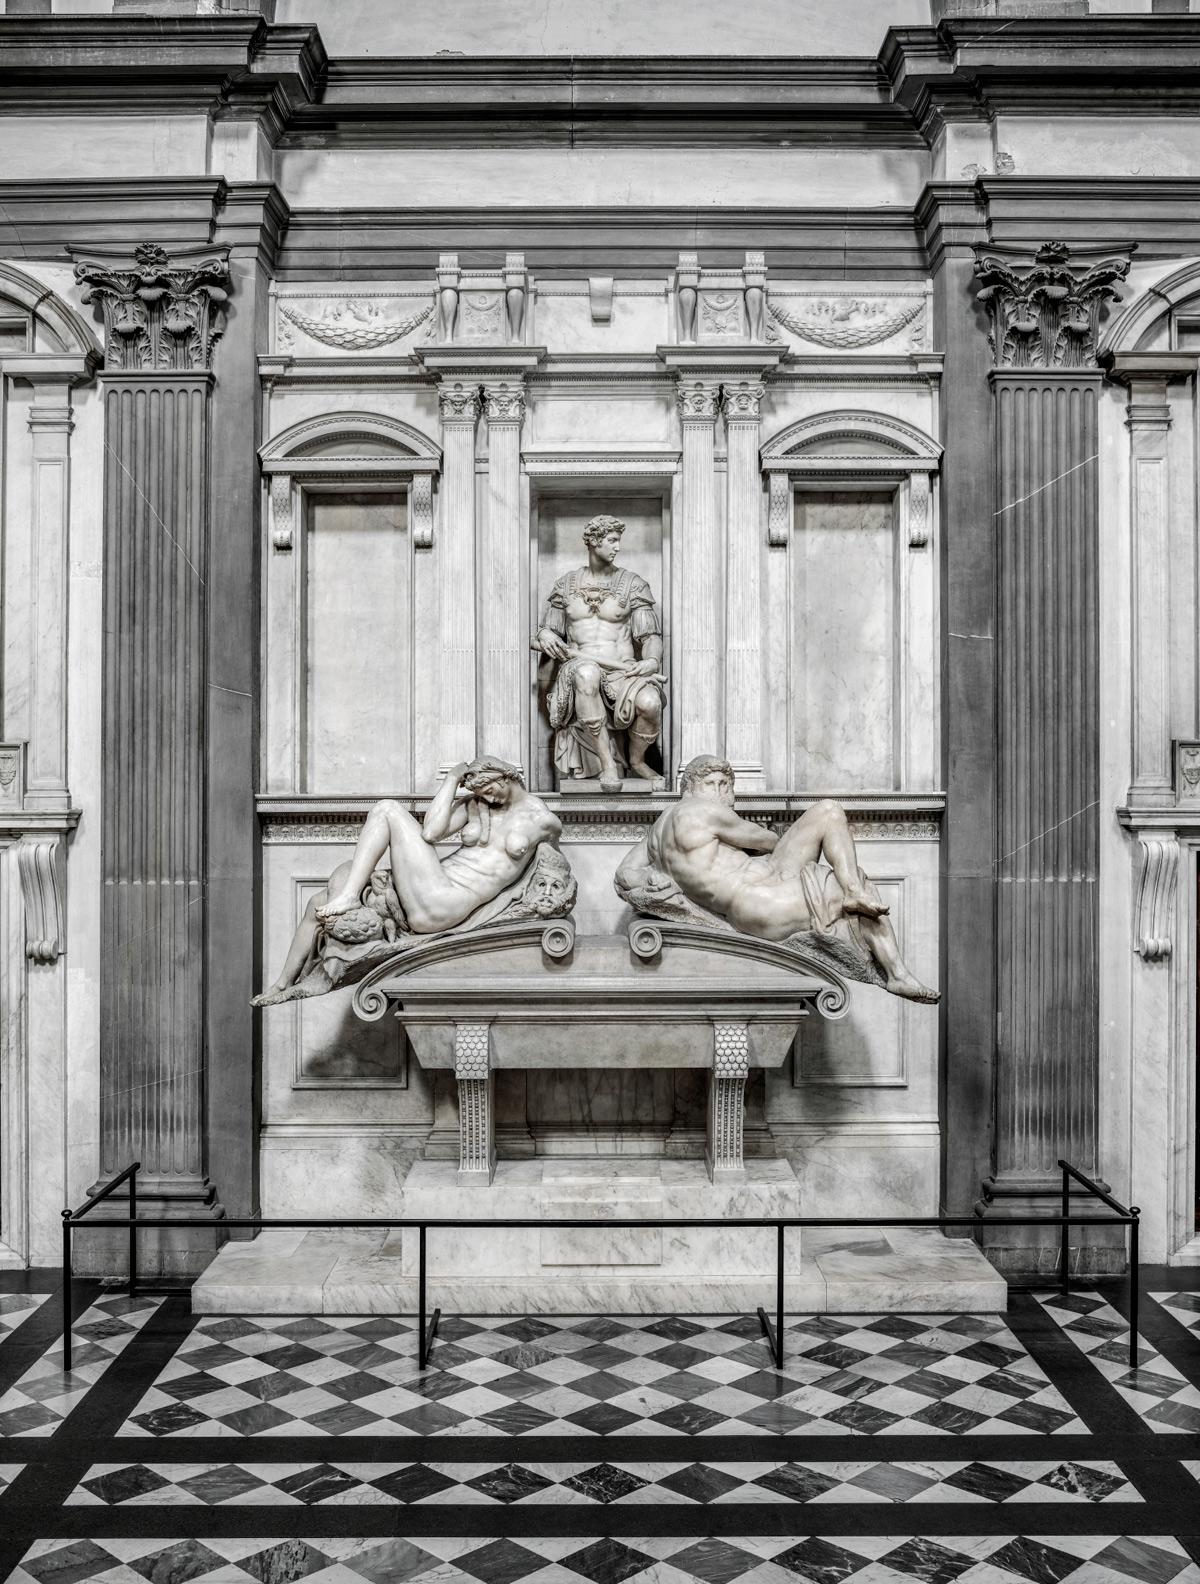 La tomba di Giuliano duca di Nemours. Ph. Credit Andrea Jemolo